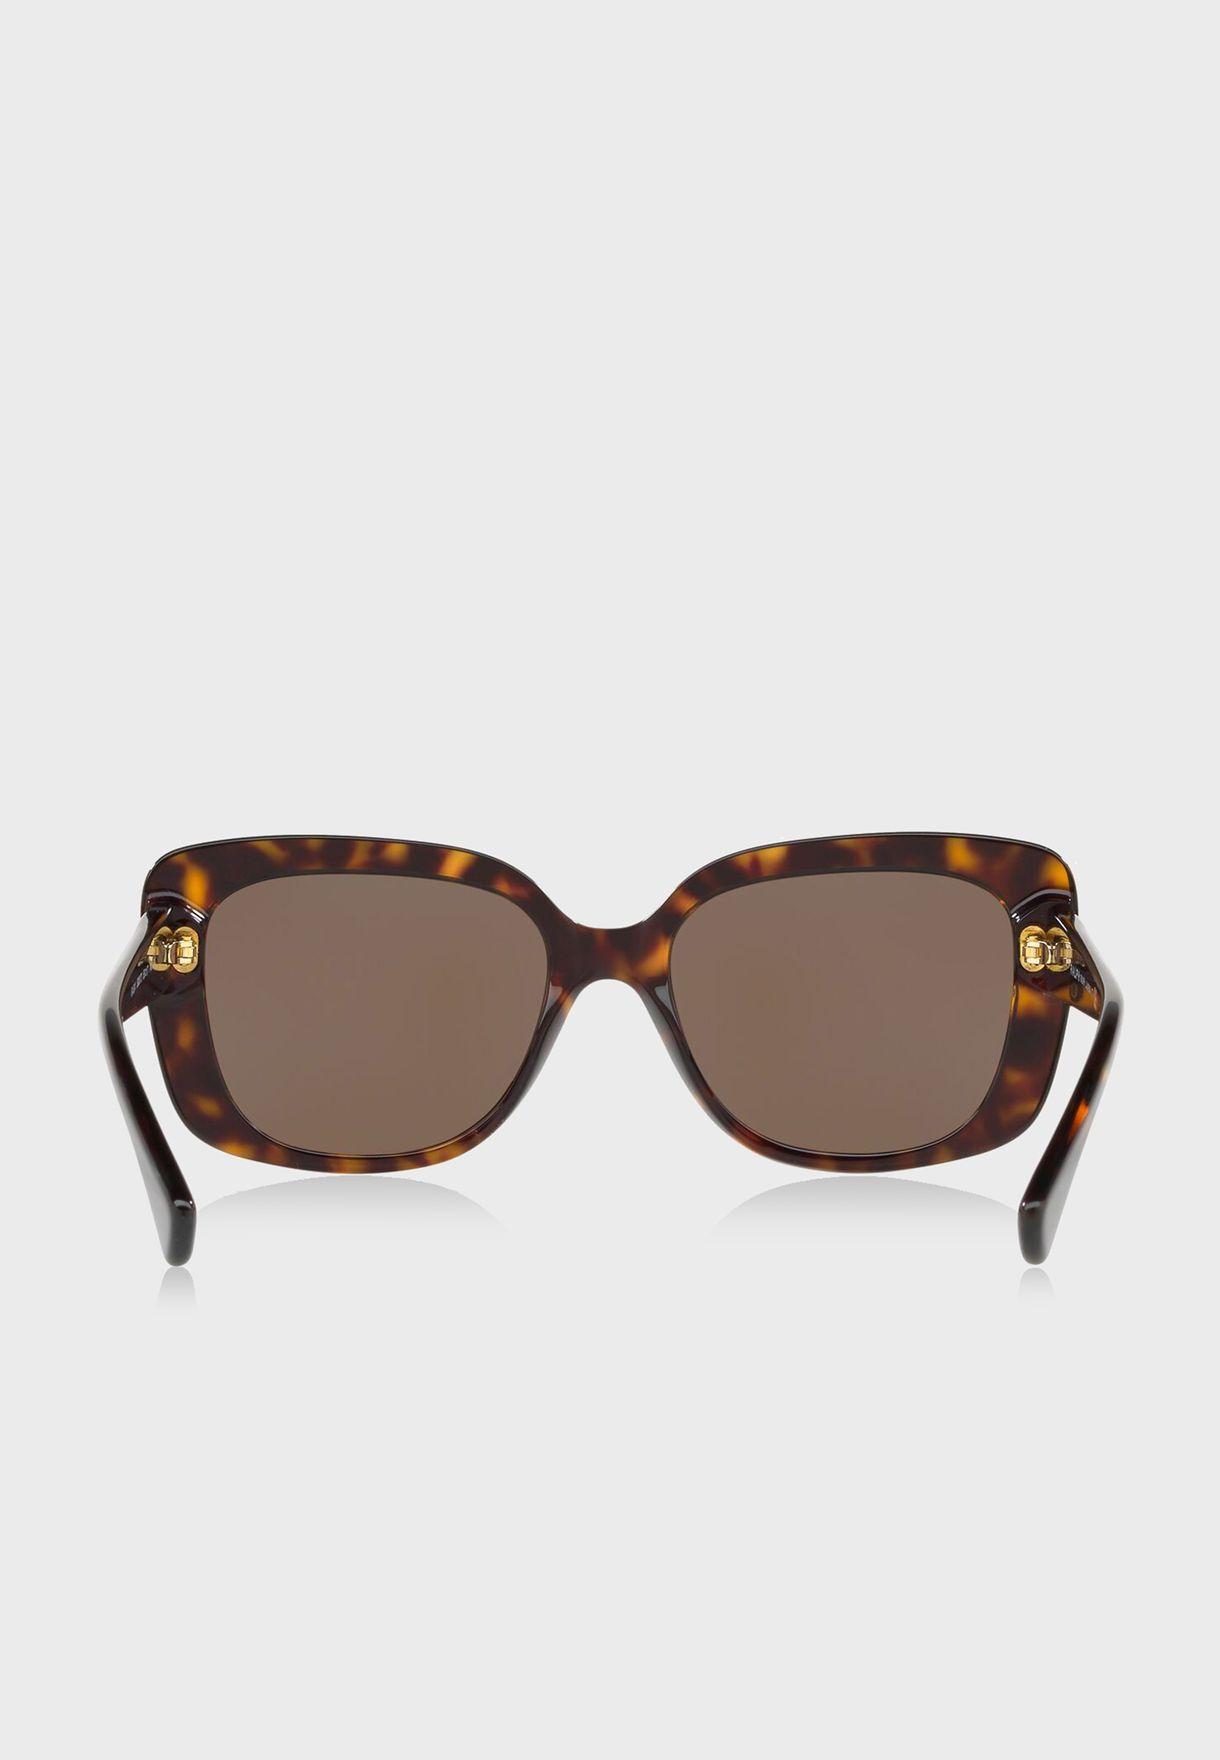 نظارة شمسية عصرية بحماية من اشعة الشمس